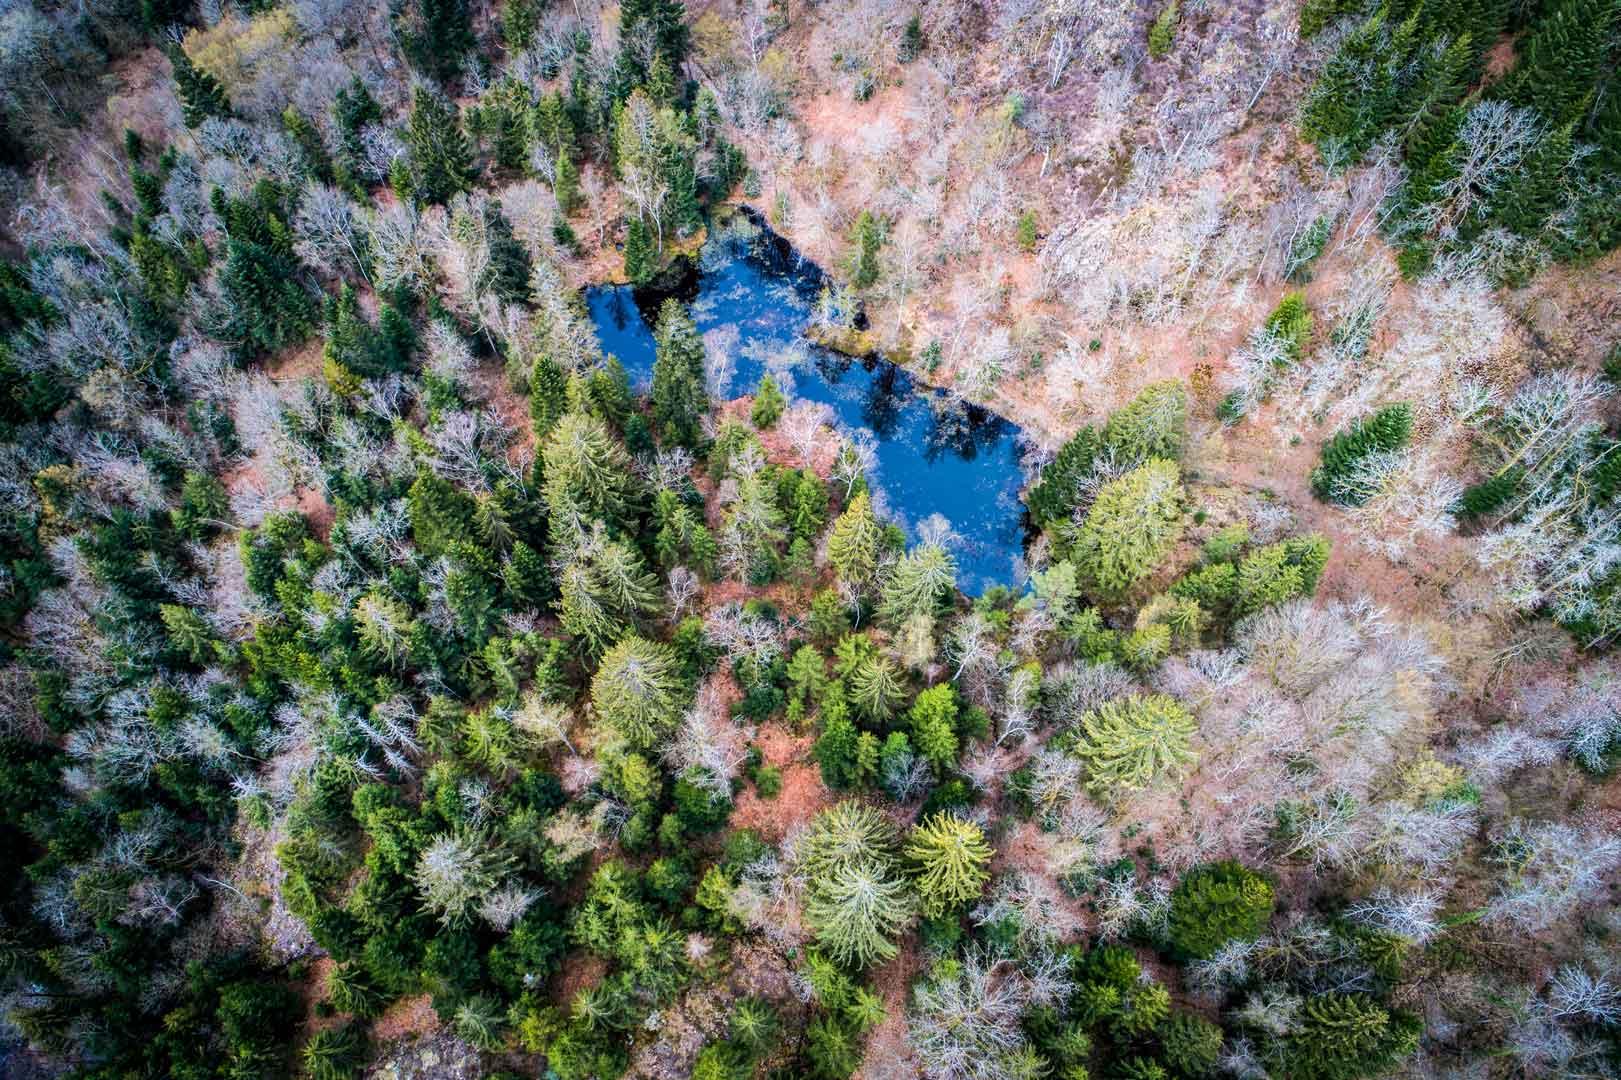 les 1000 étangs vues de drone @yocot